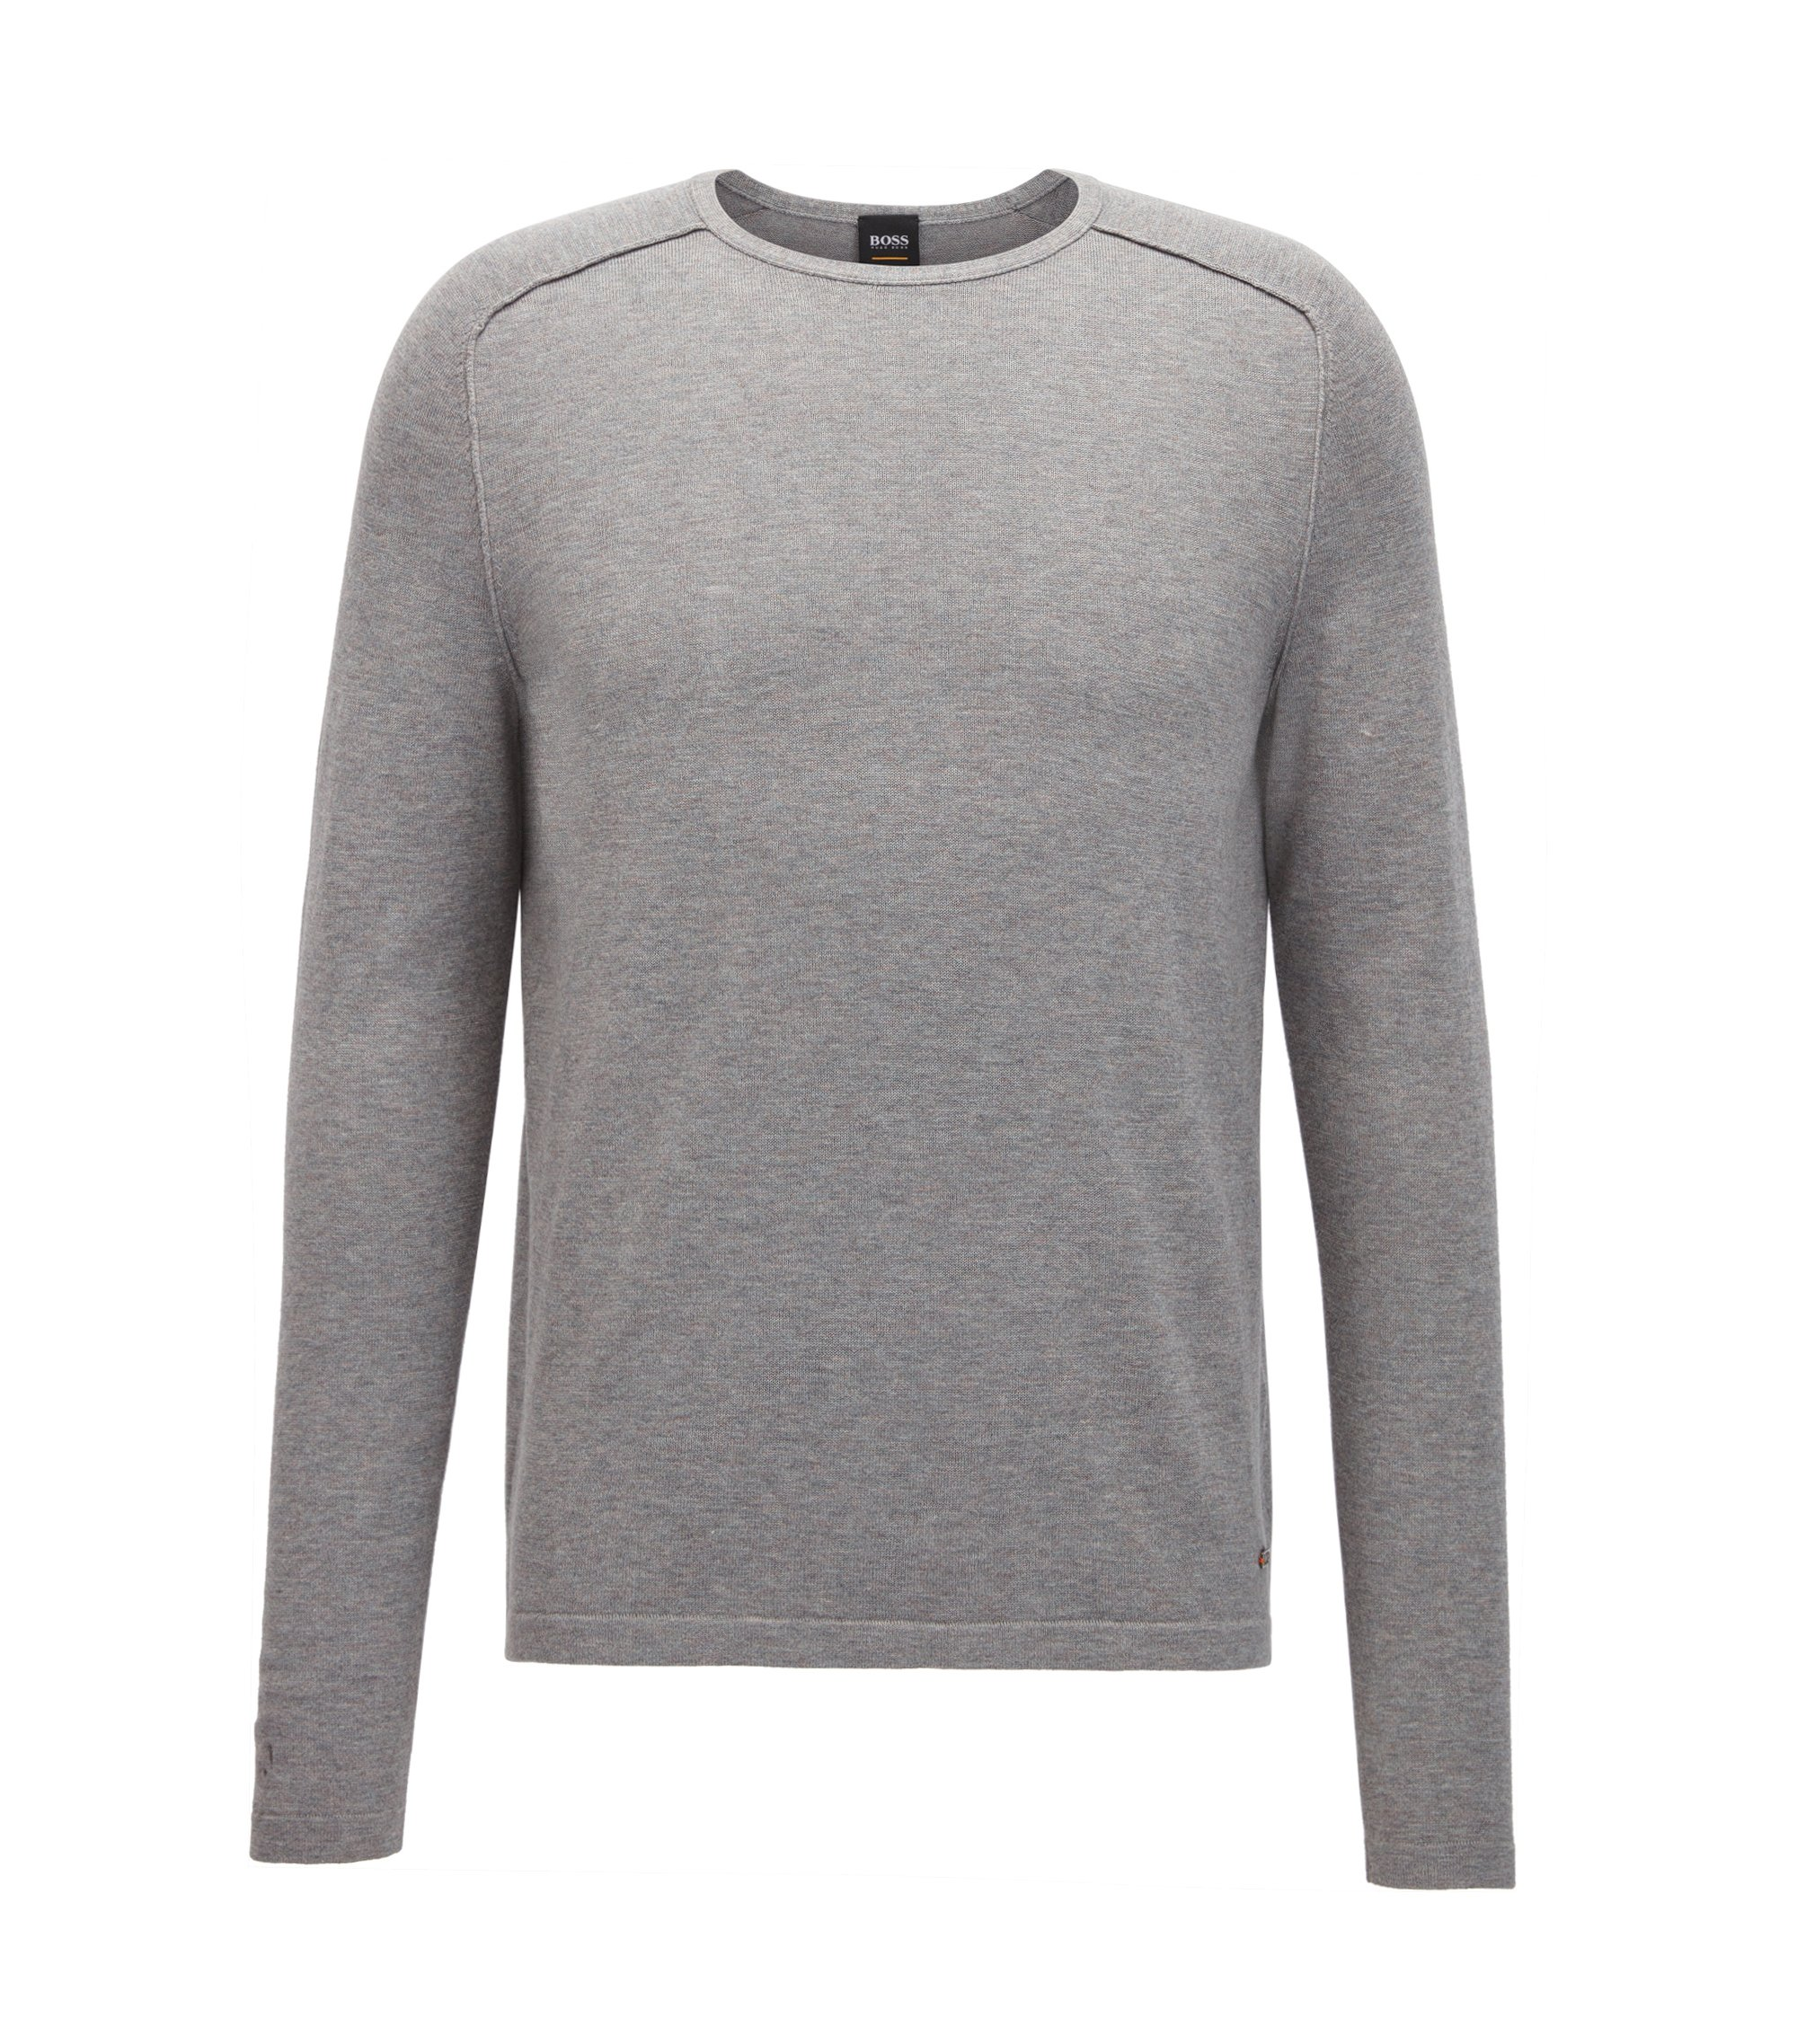 Pullover aus gestrickter Baumwolle mit Paspel-Details, Hellgrau